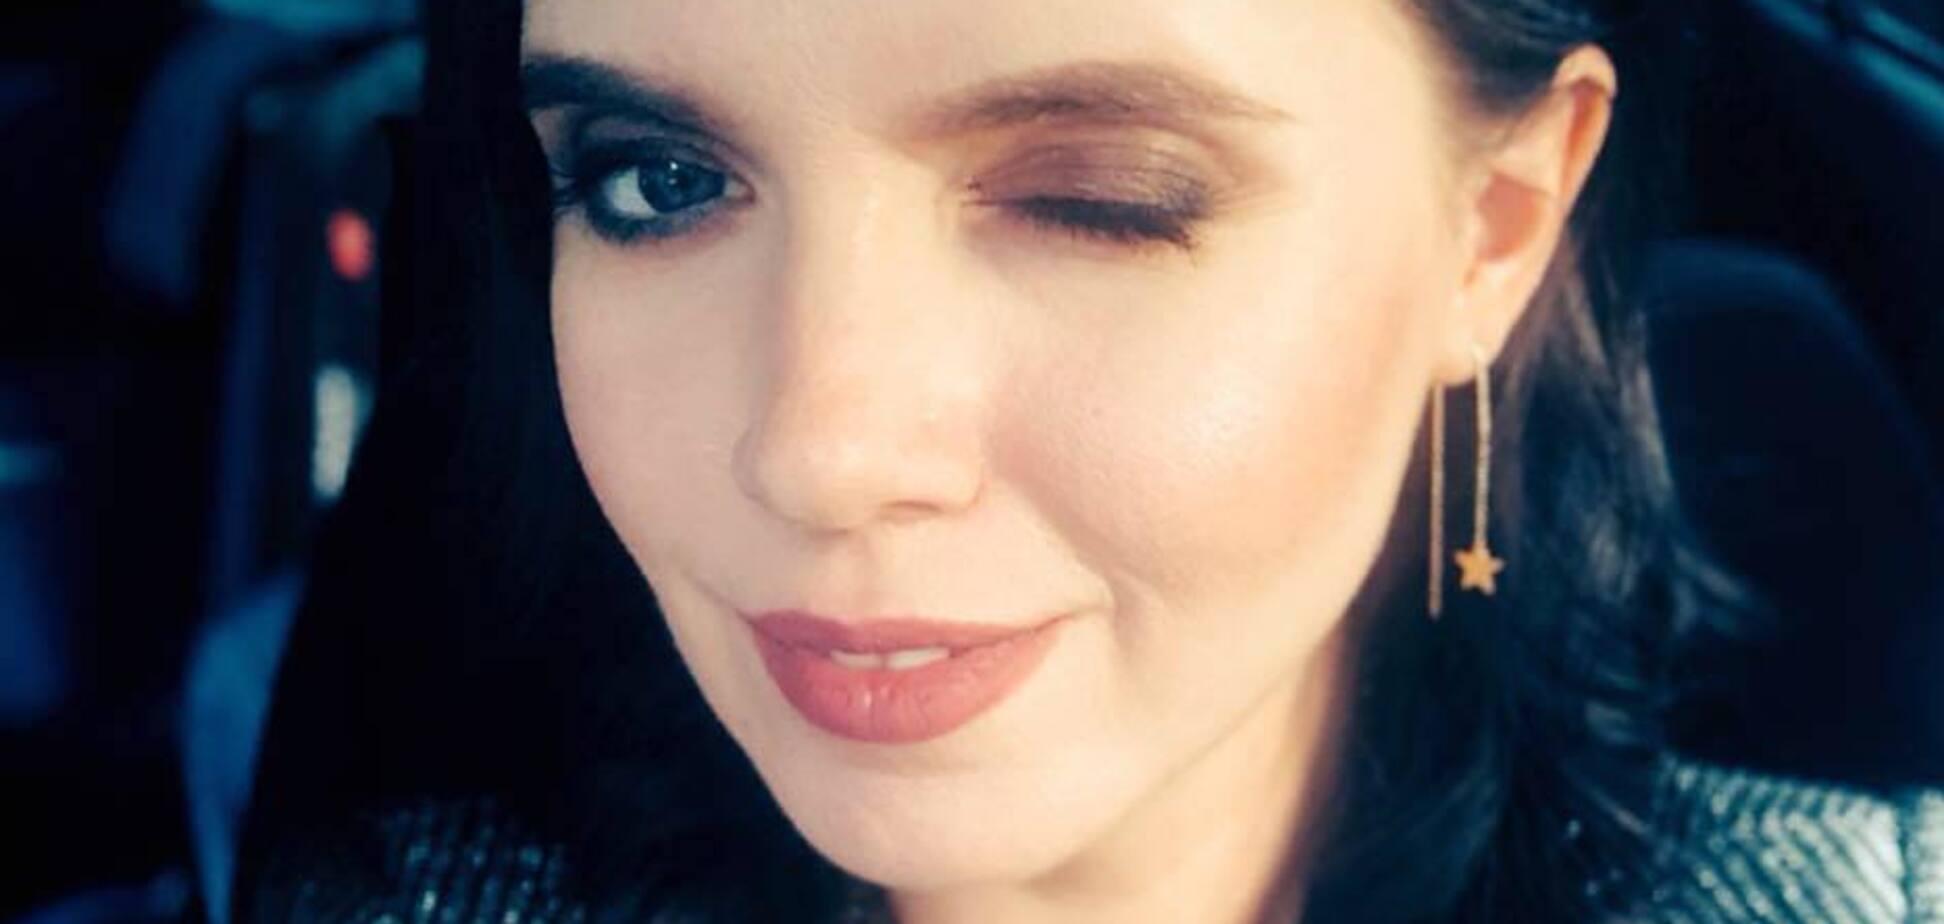 'Був секс з ельфами': Соколова розповіла, як втекла від українського журналіста